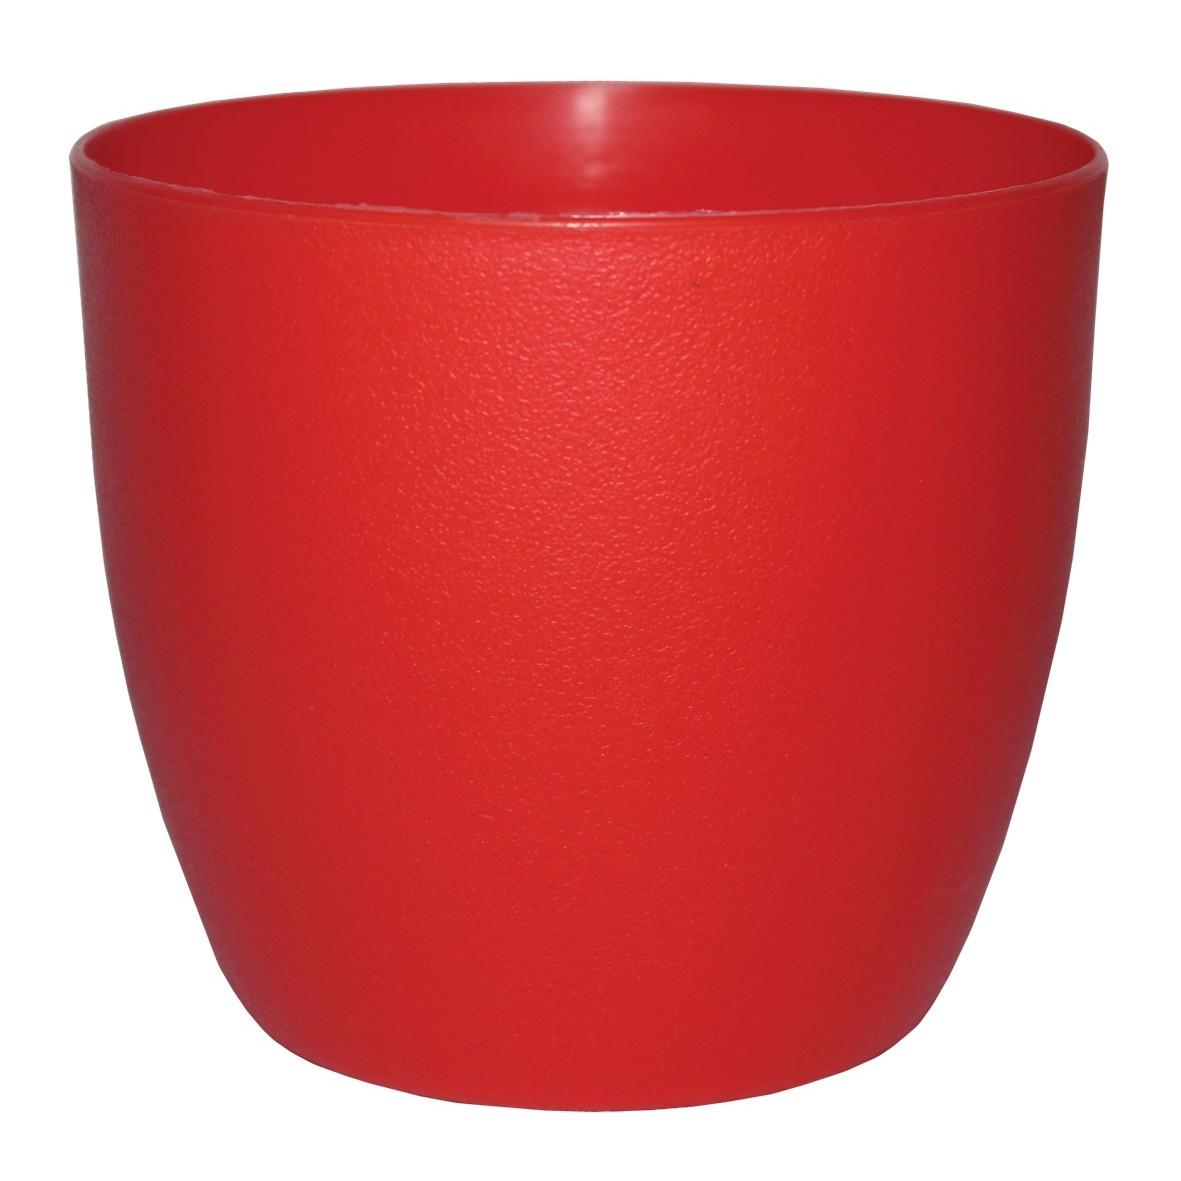 Vaso para Plantas Plastico 12cm Musique Vermelho VPMRR11 - Japi